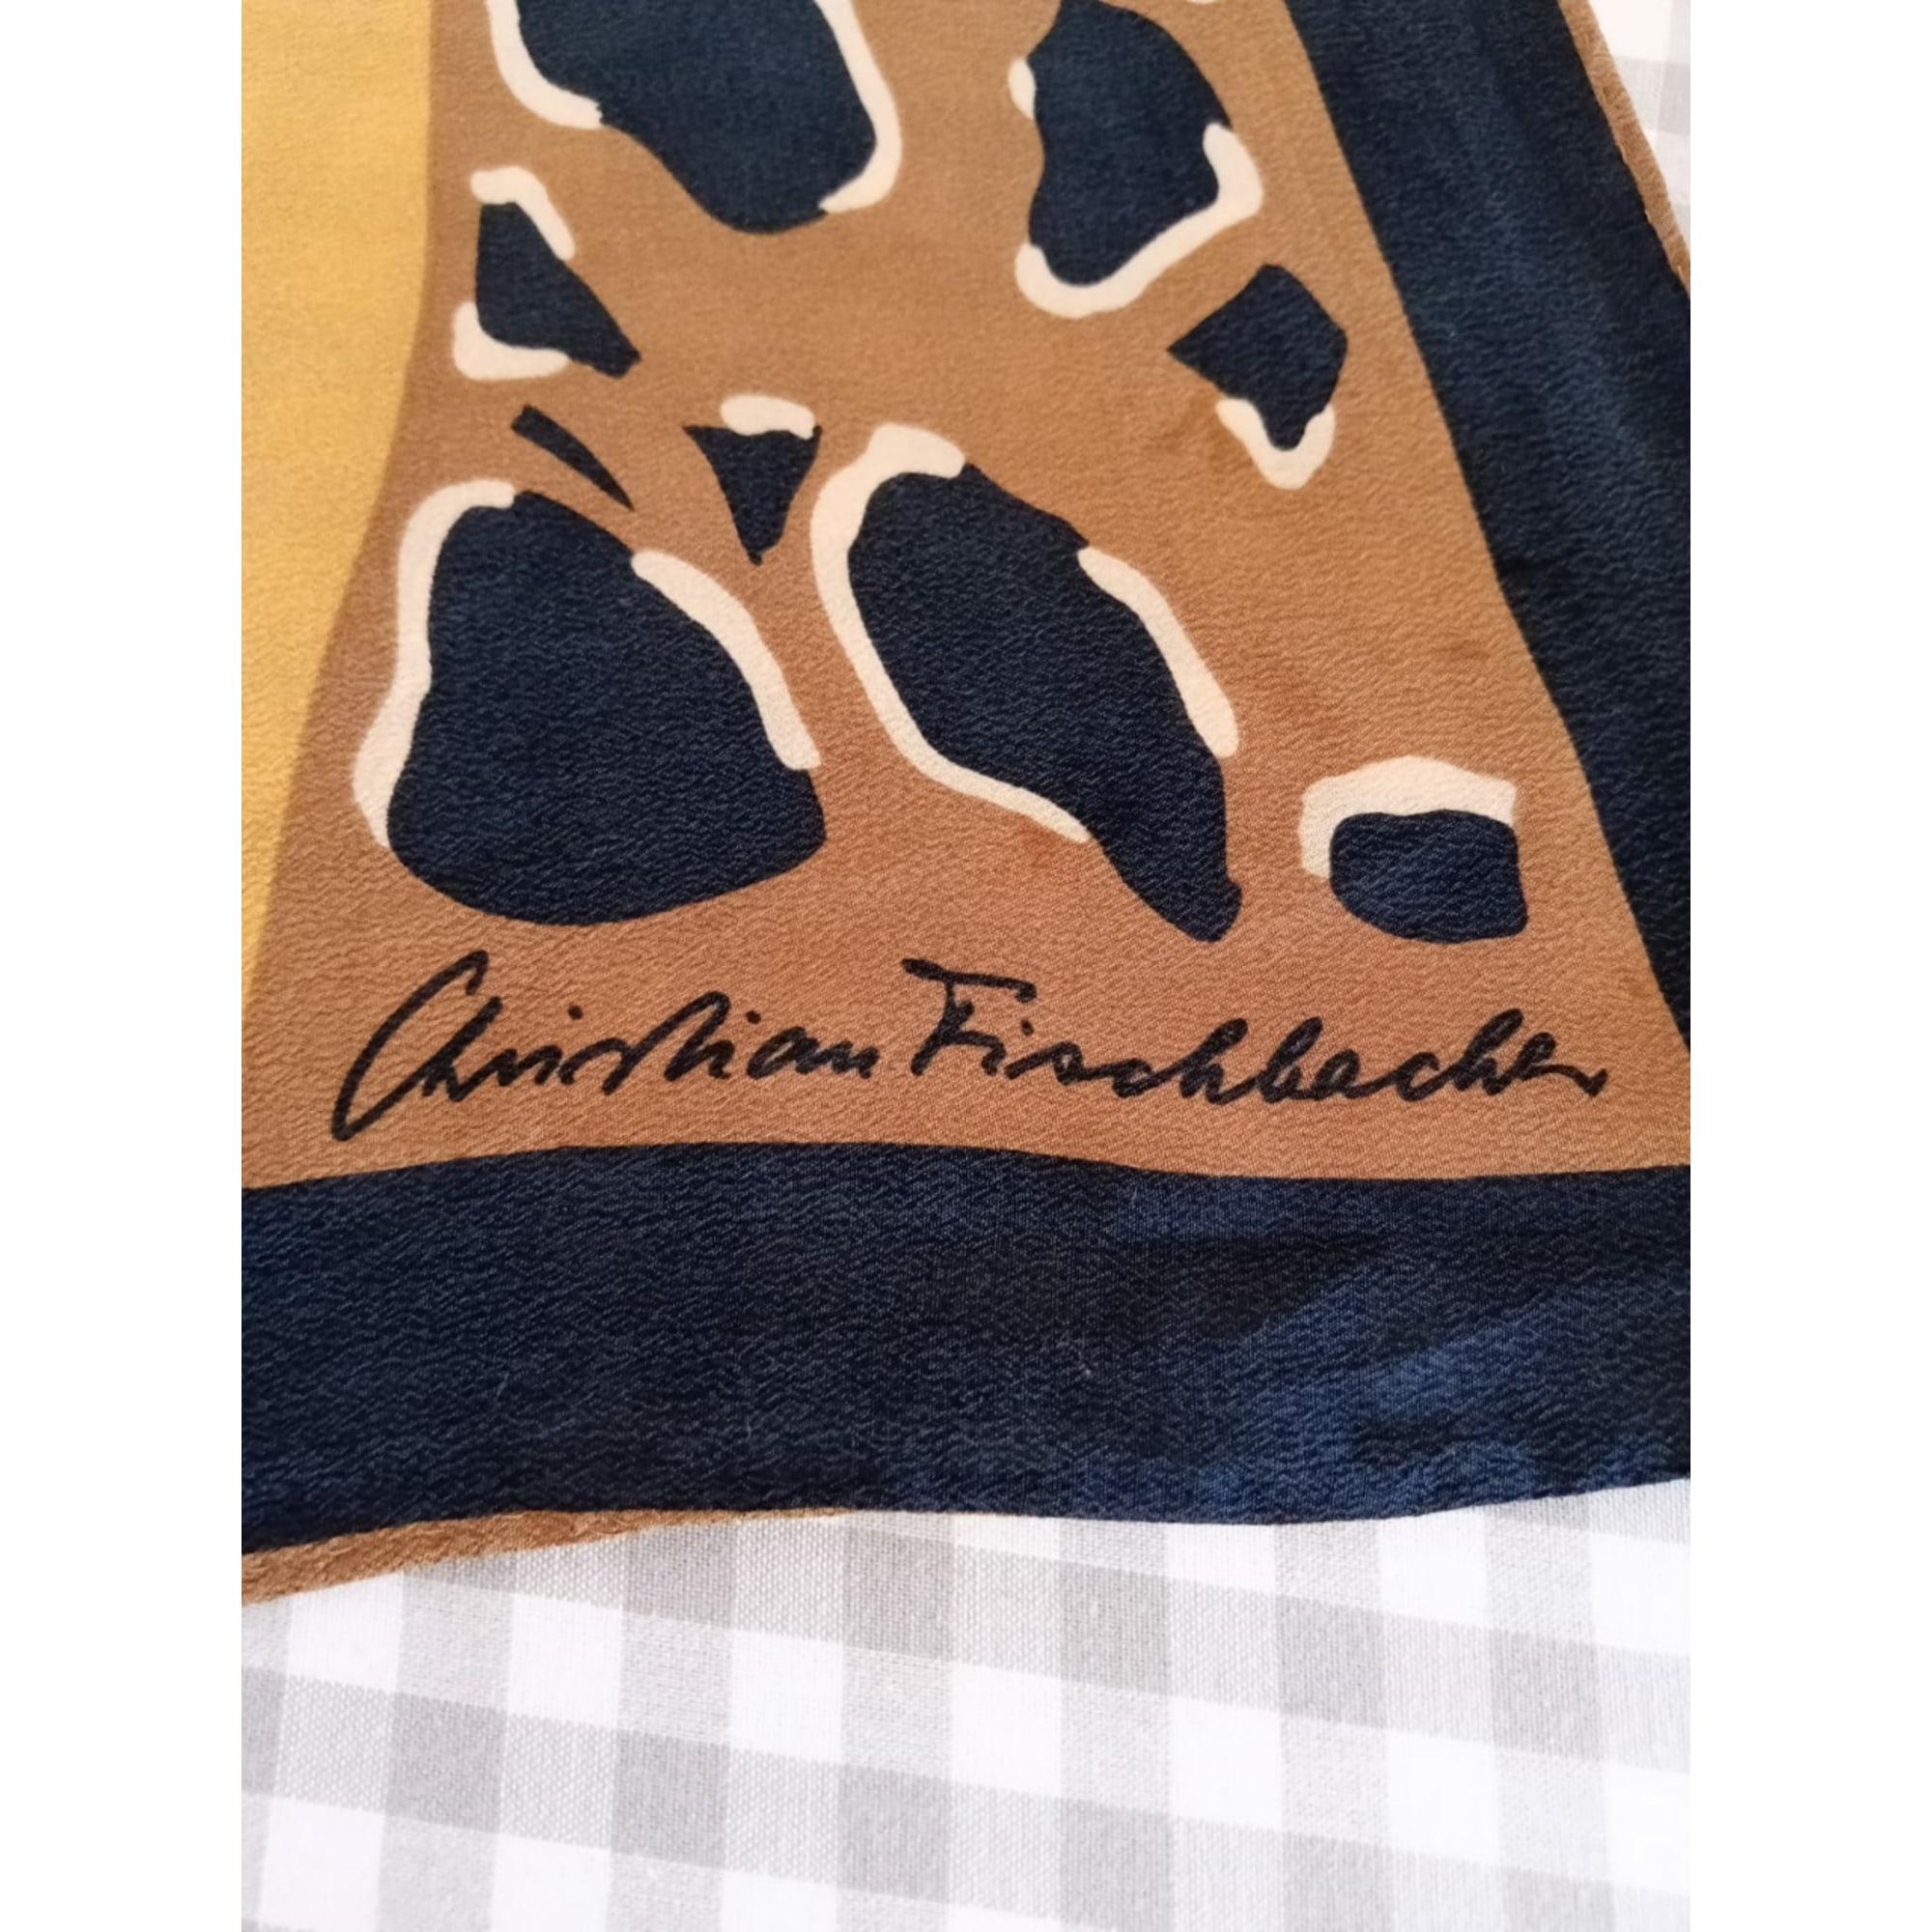 Foulard CHRISTIAN FISCHBACHER Imprimés animaliers